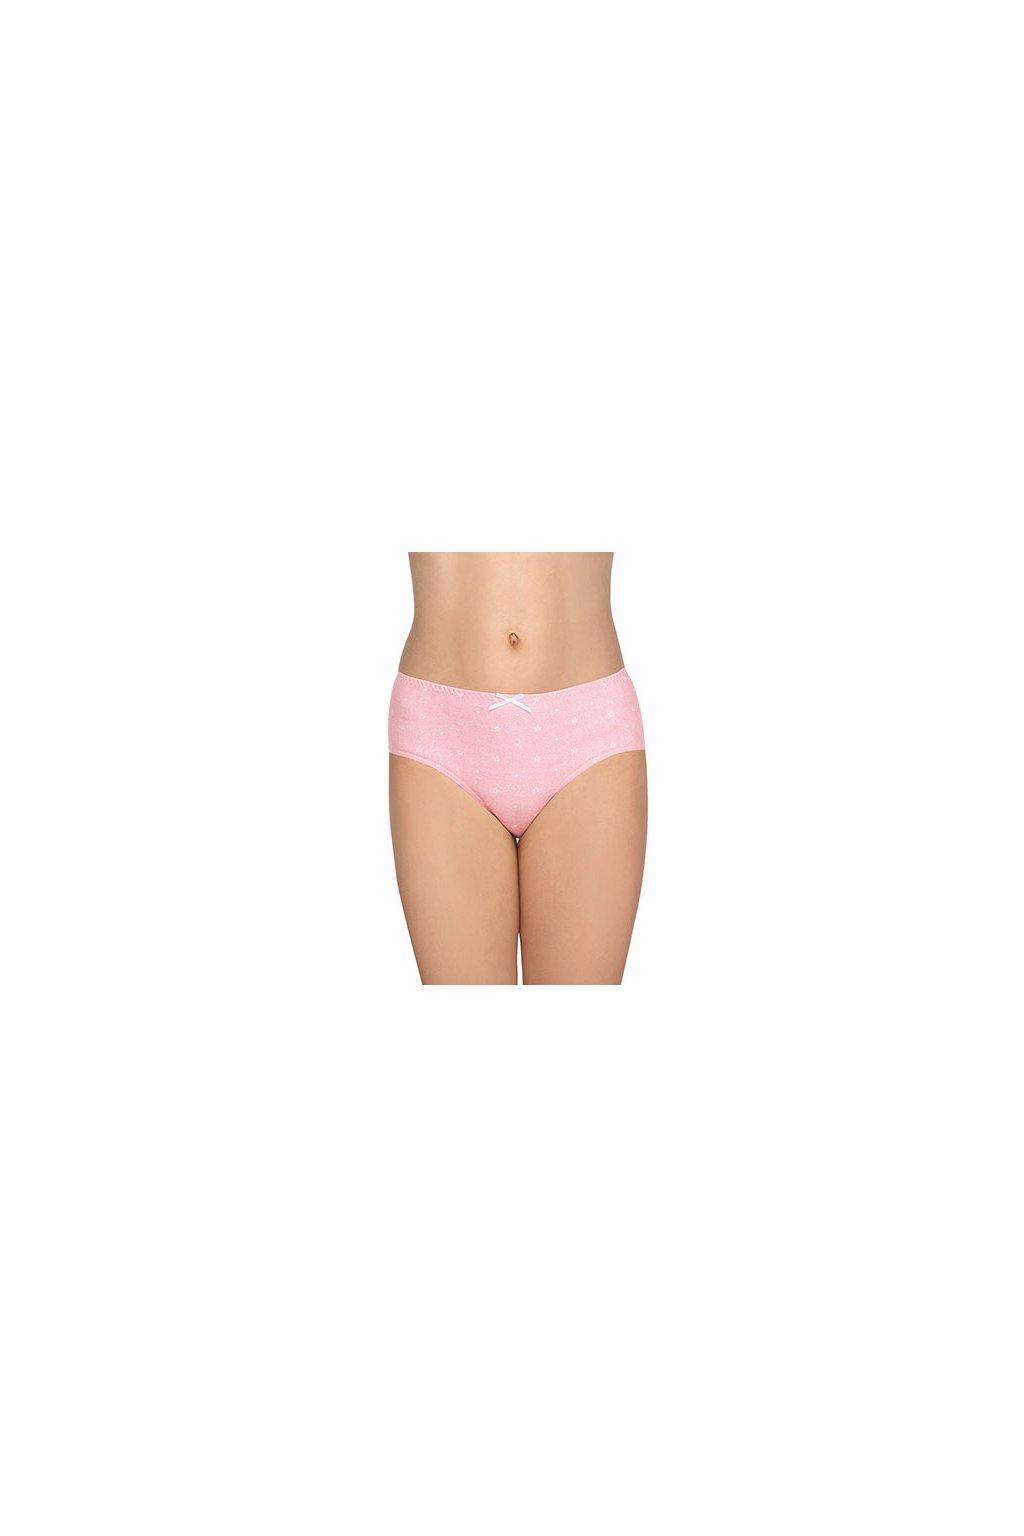 Dívčí kalhotky, 40055 9, růžová